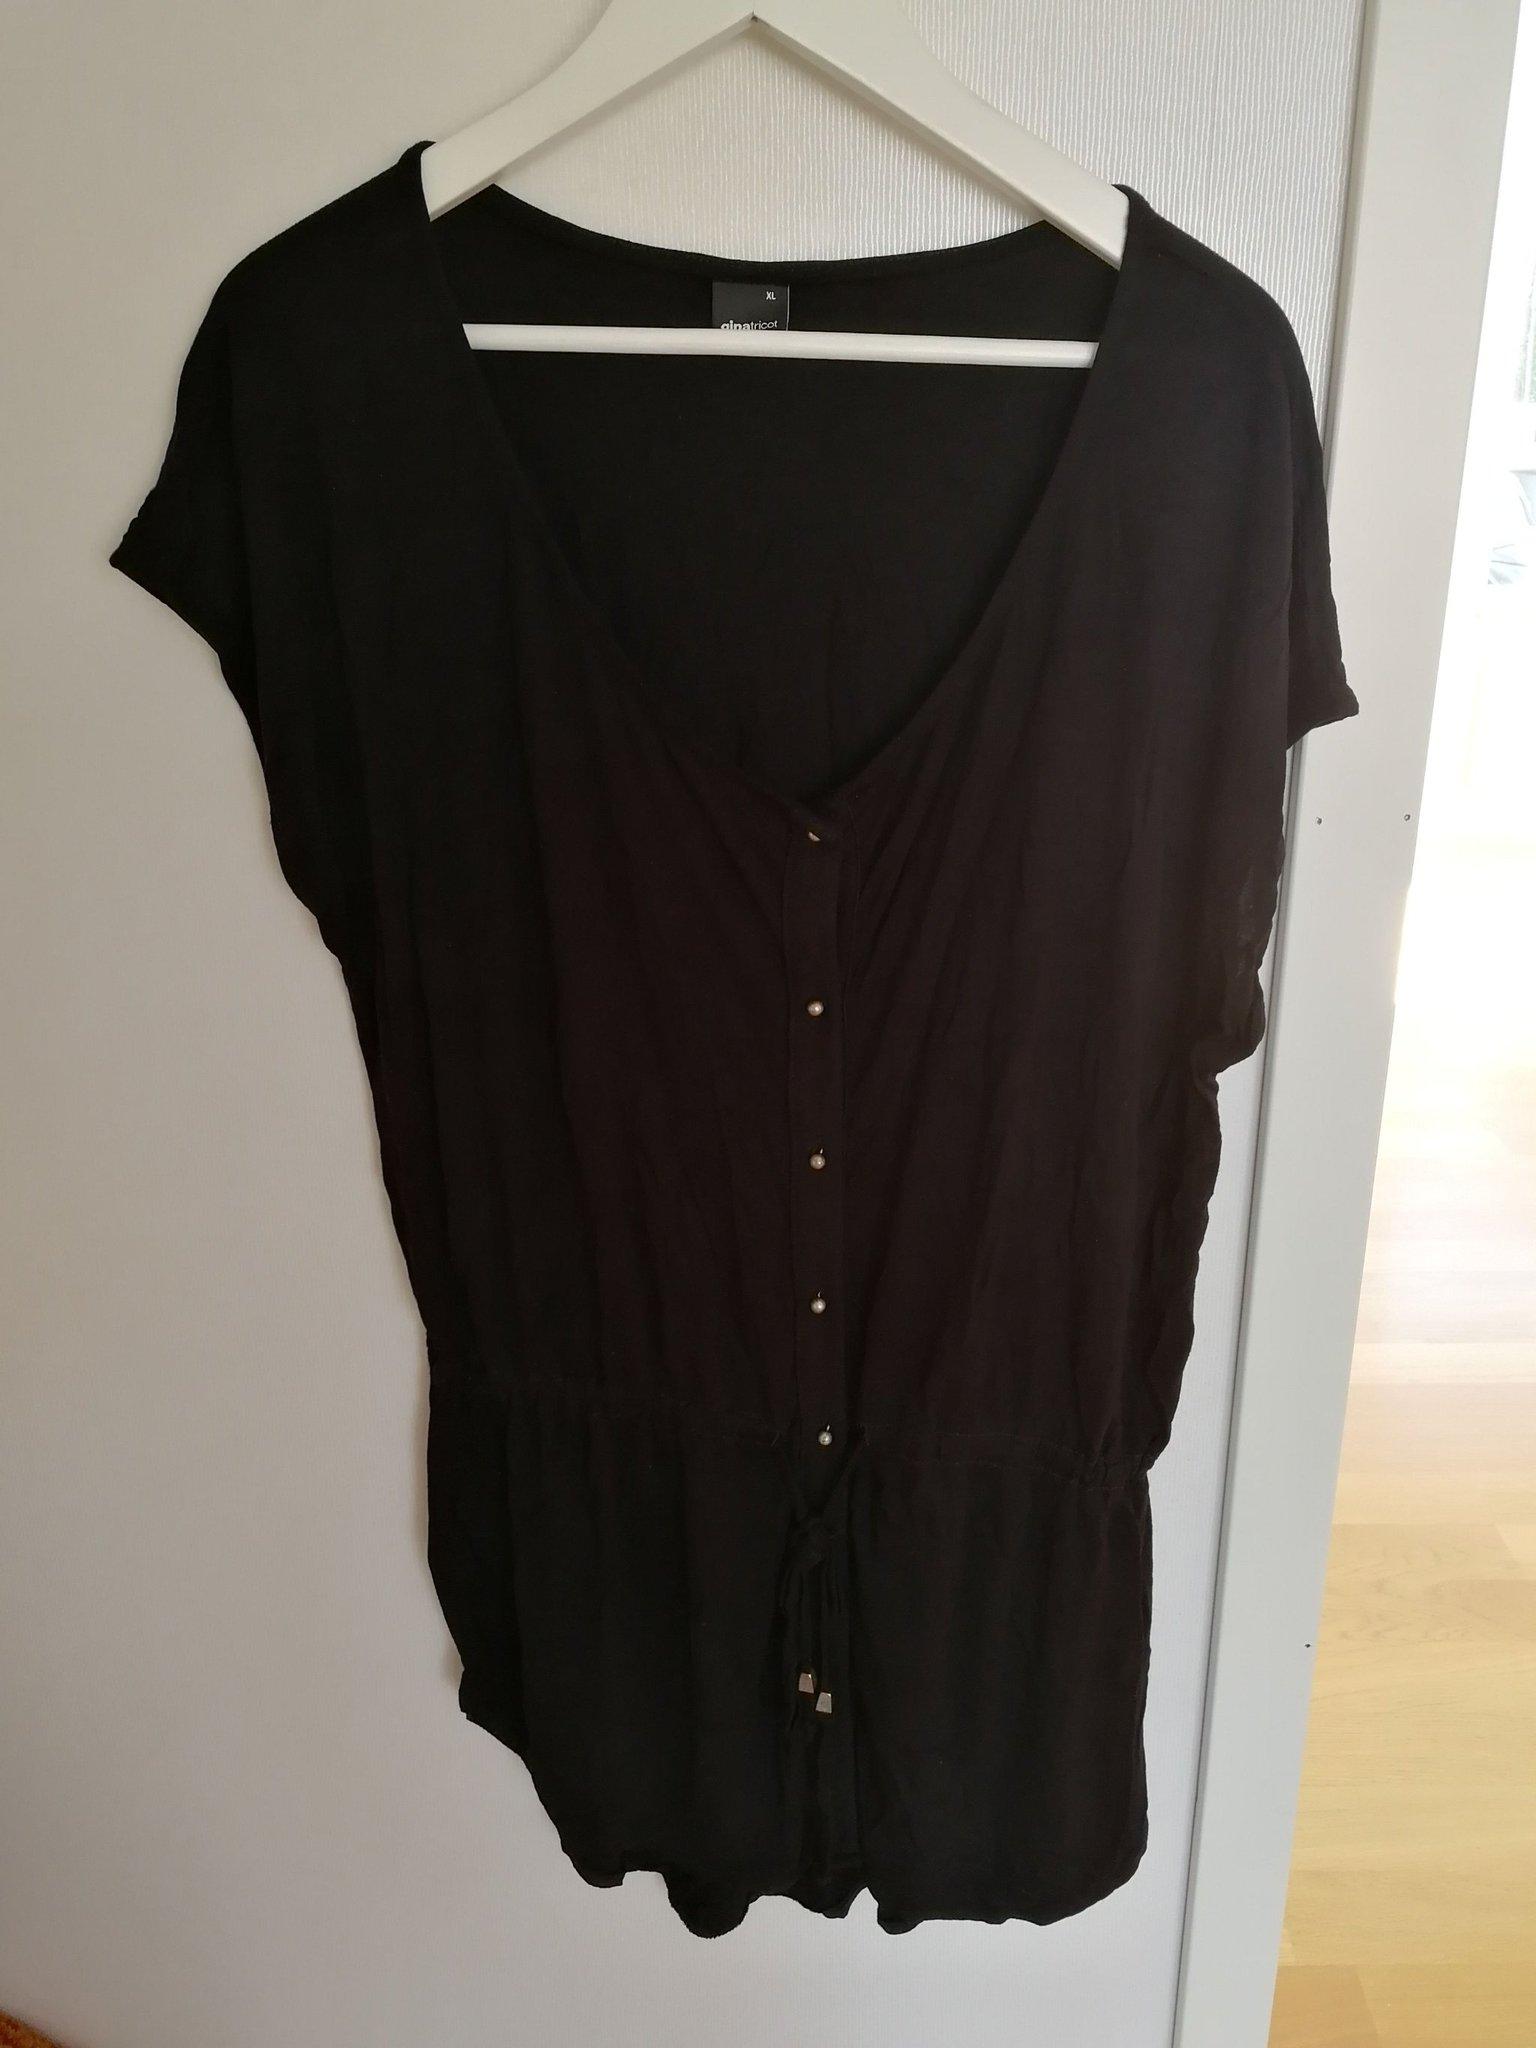 663969222322 Helt ny tunika från Gina tricot (350021626) ᐈ Köp på Tradera